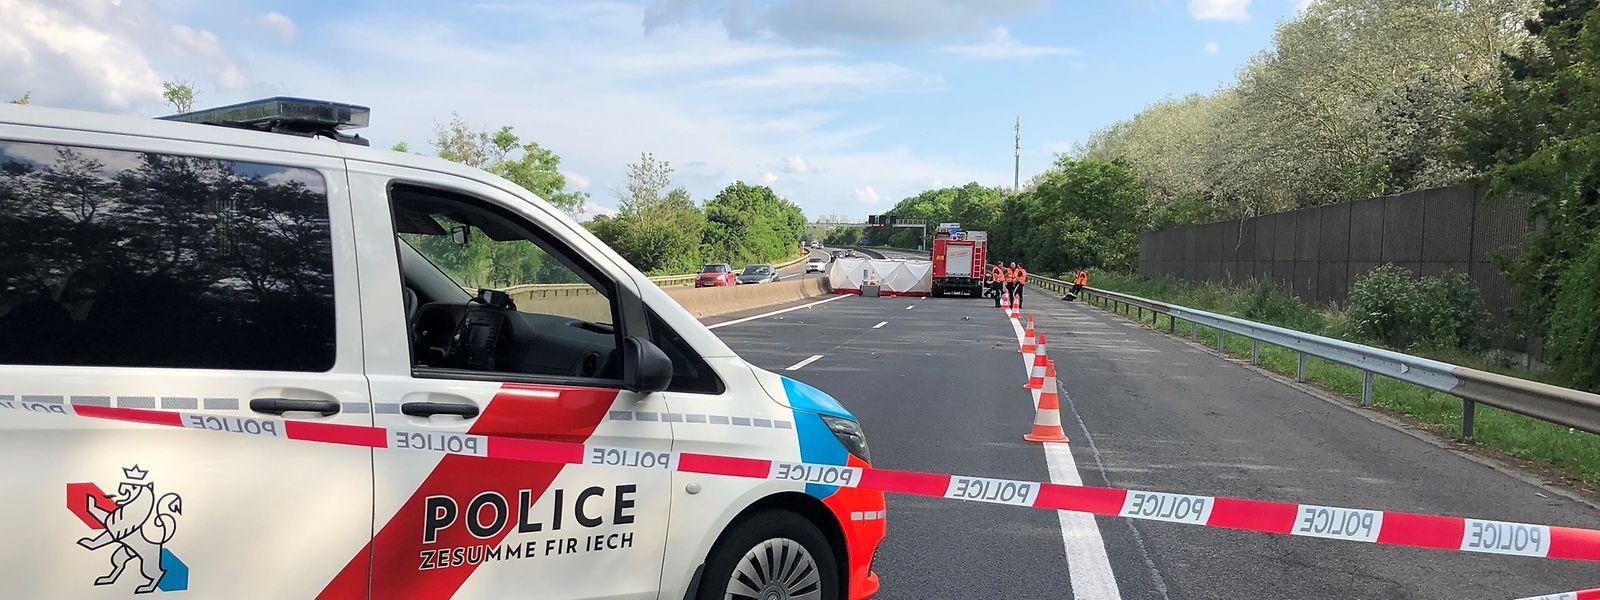 Der Mess- und Erkennungsdienst der Polizei wurde mit der Klärung des Unfallhergangs beauftragt.